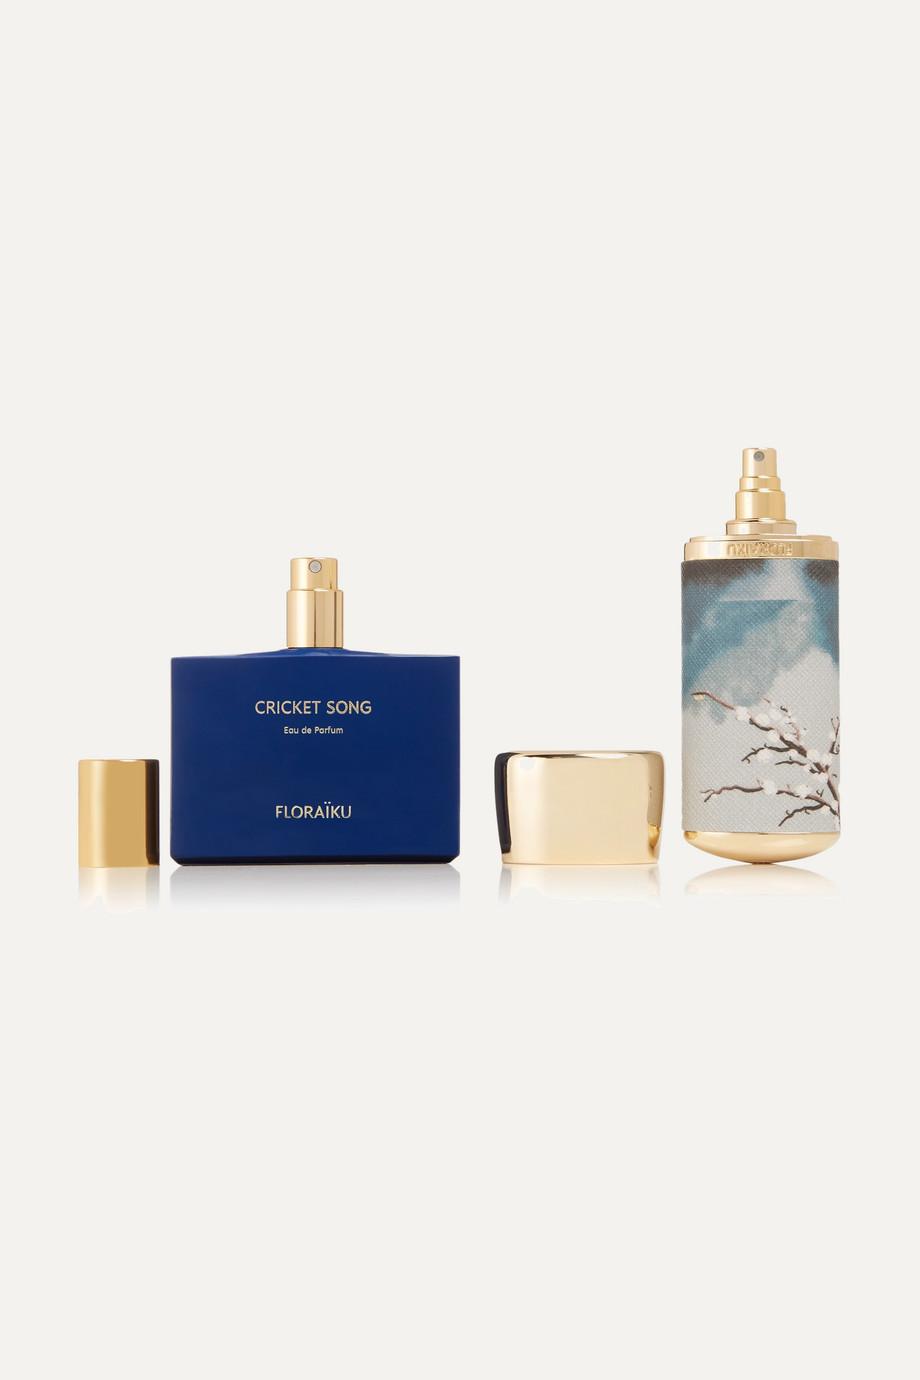 Floraiku Cricket Song Eau de Parfum, 50ml & 10ml